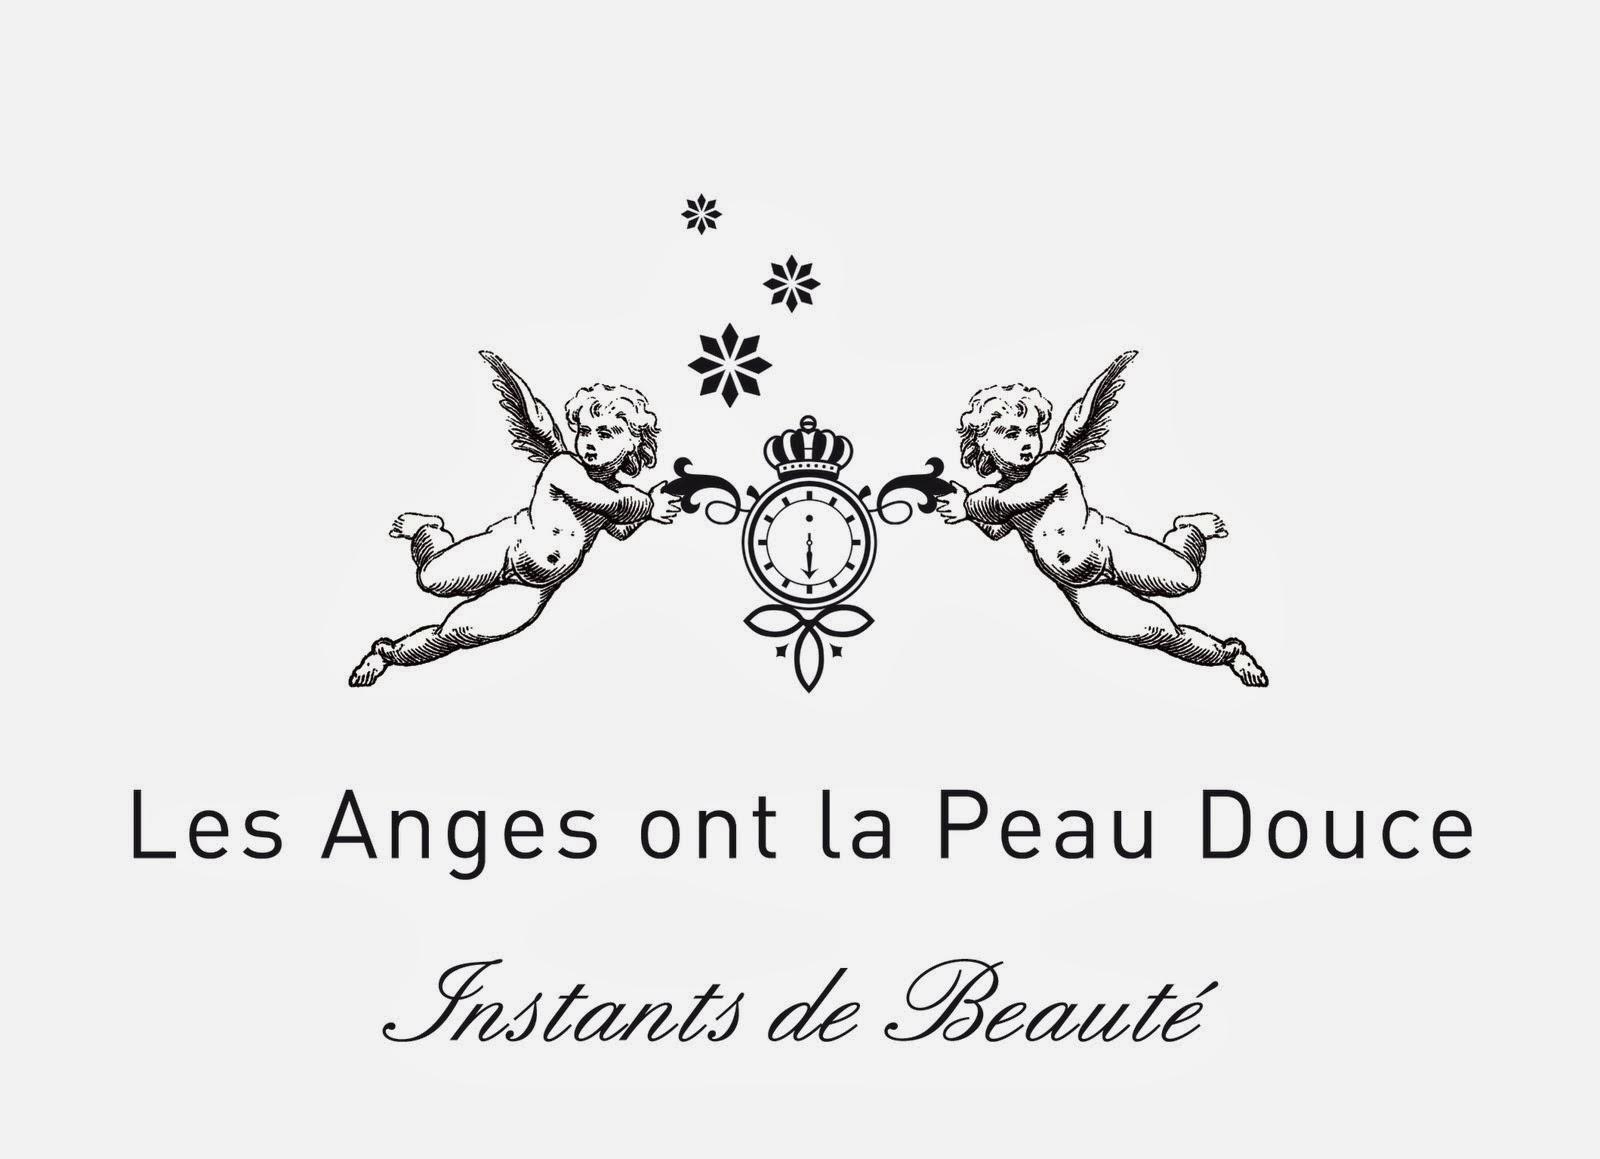 Jeu Concours avec ♦ Les Anges ont la Peau Douce ♦